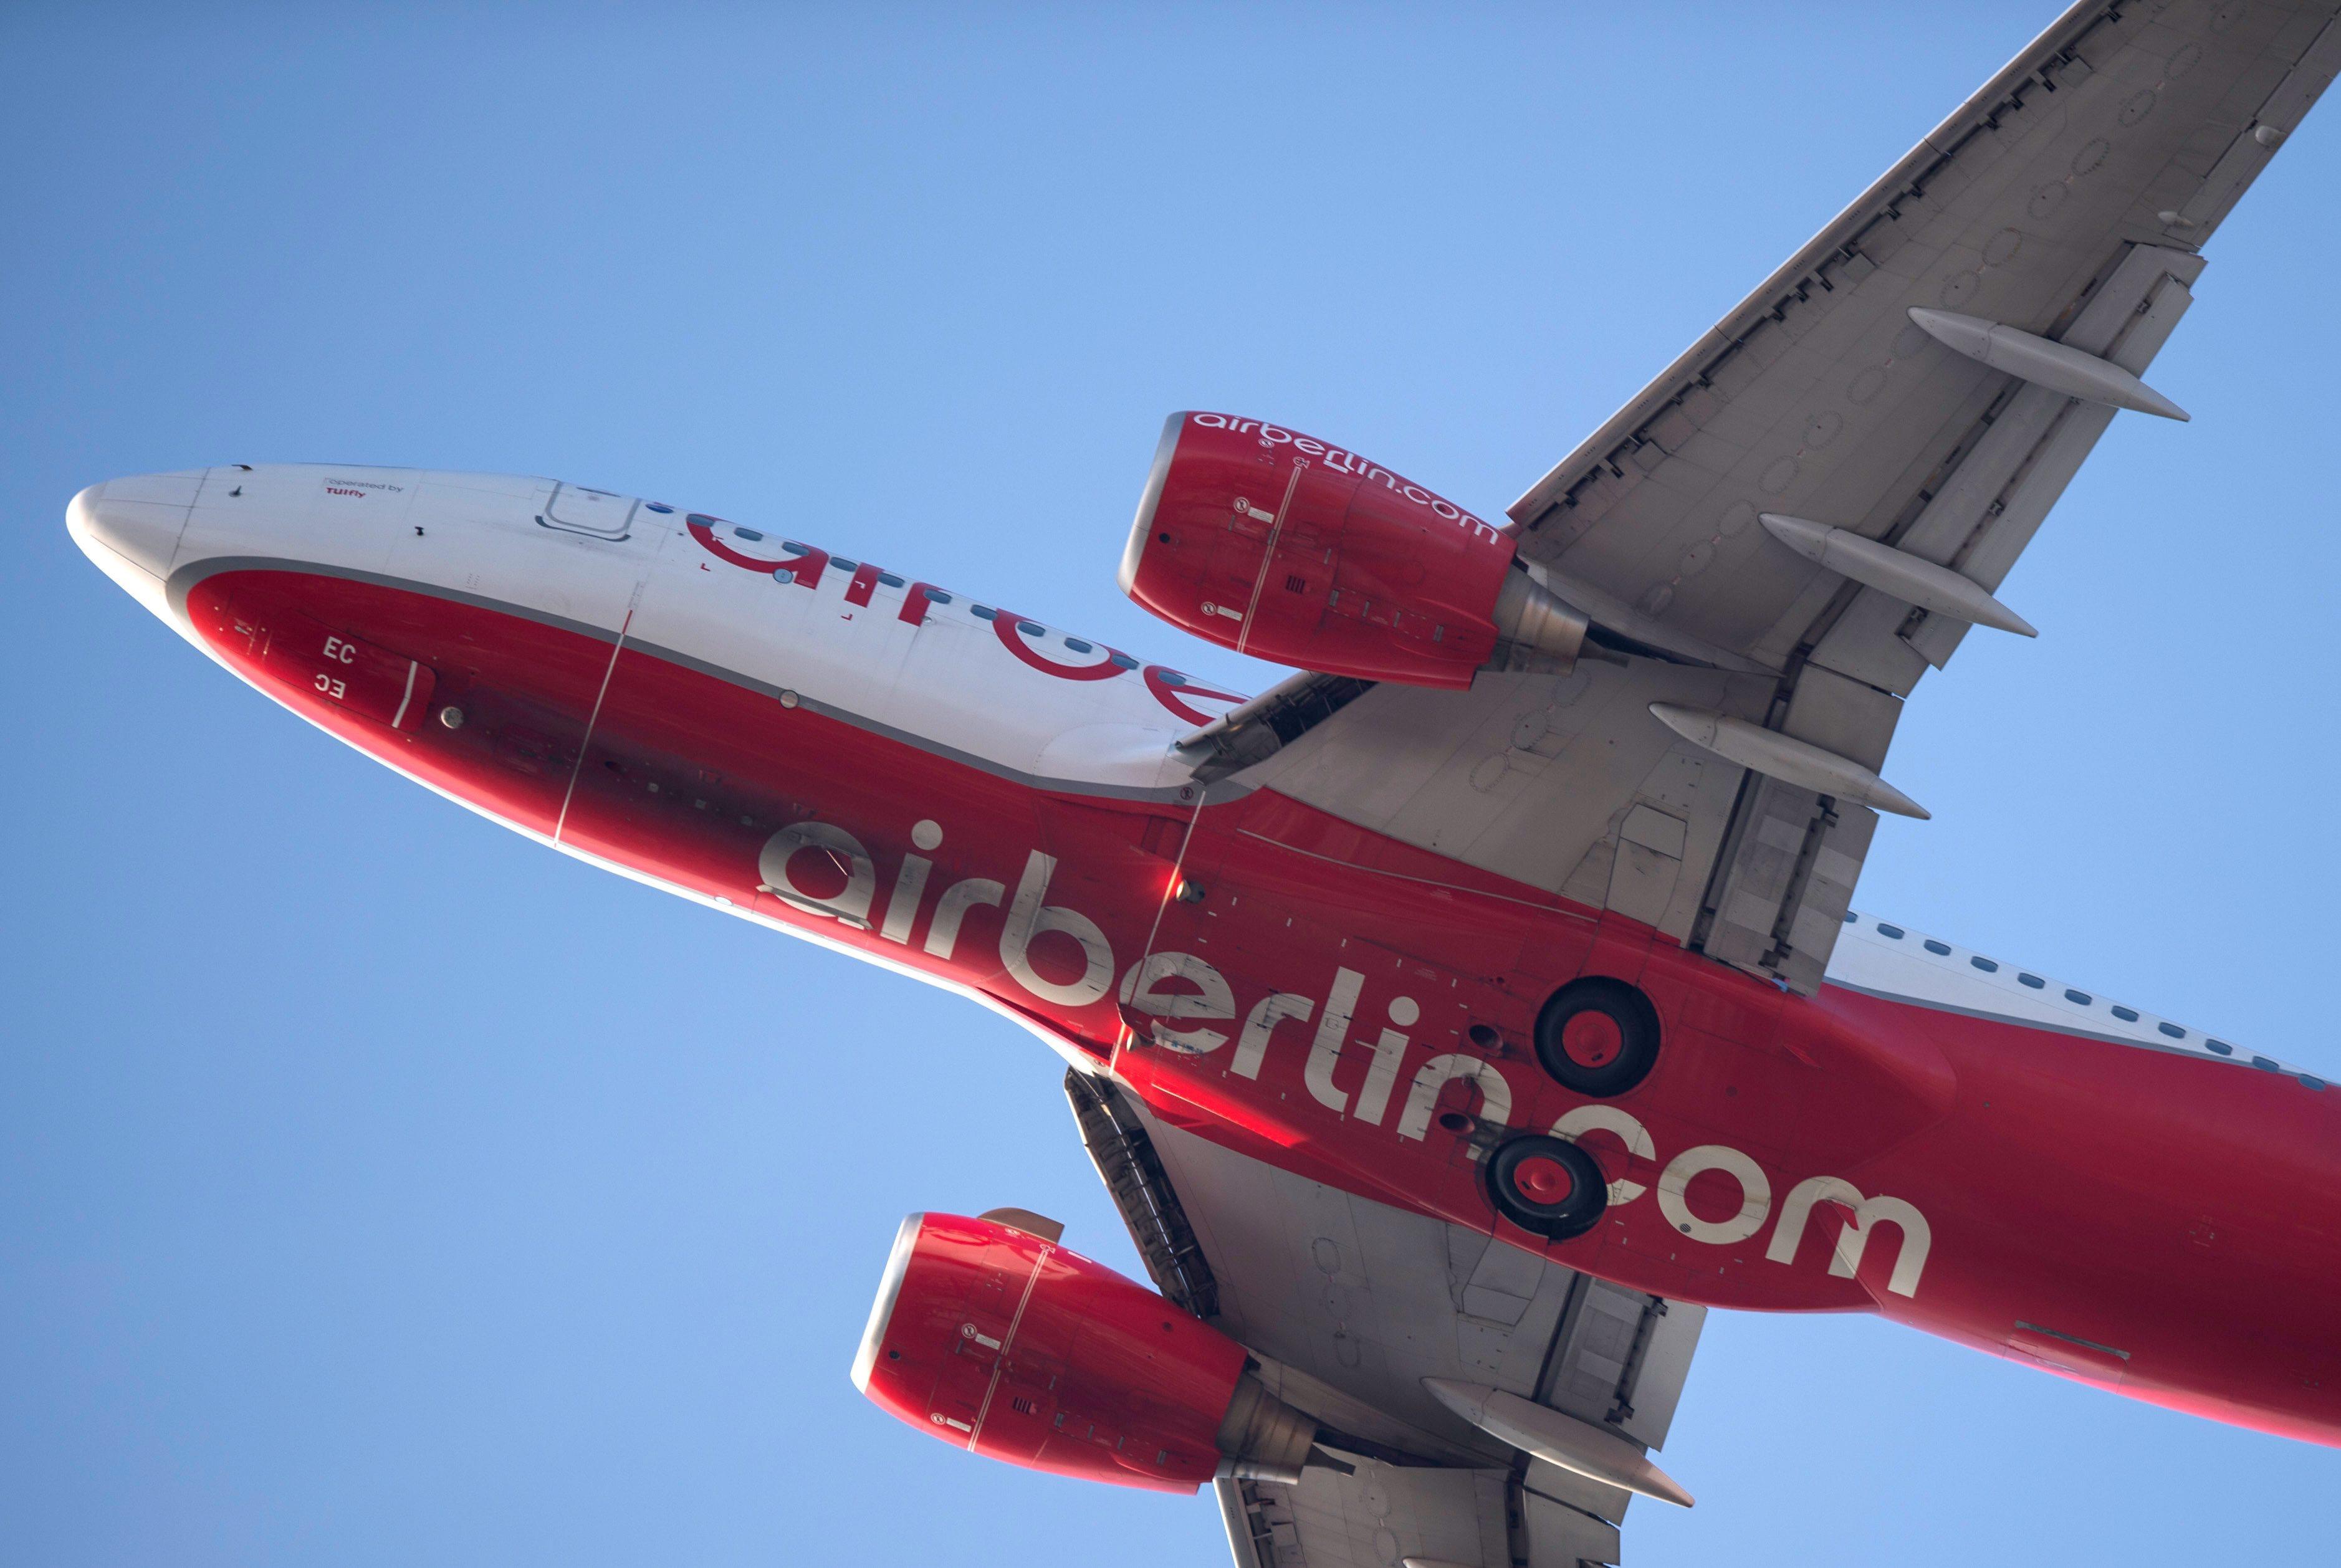 图为在柏林泰格尔机场拍摄的柏林航空公司航班。(图片来源:新华社/欧新中文)